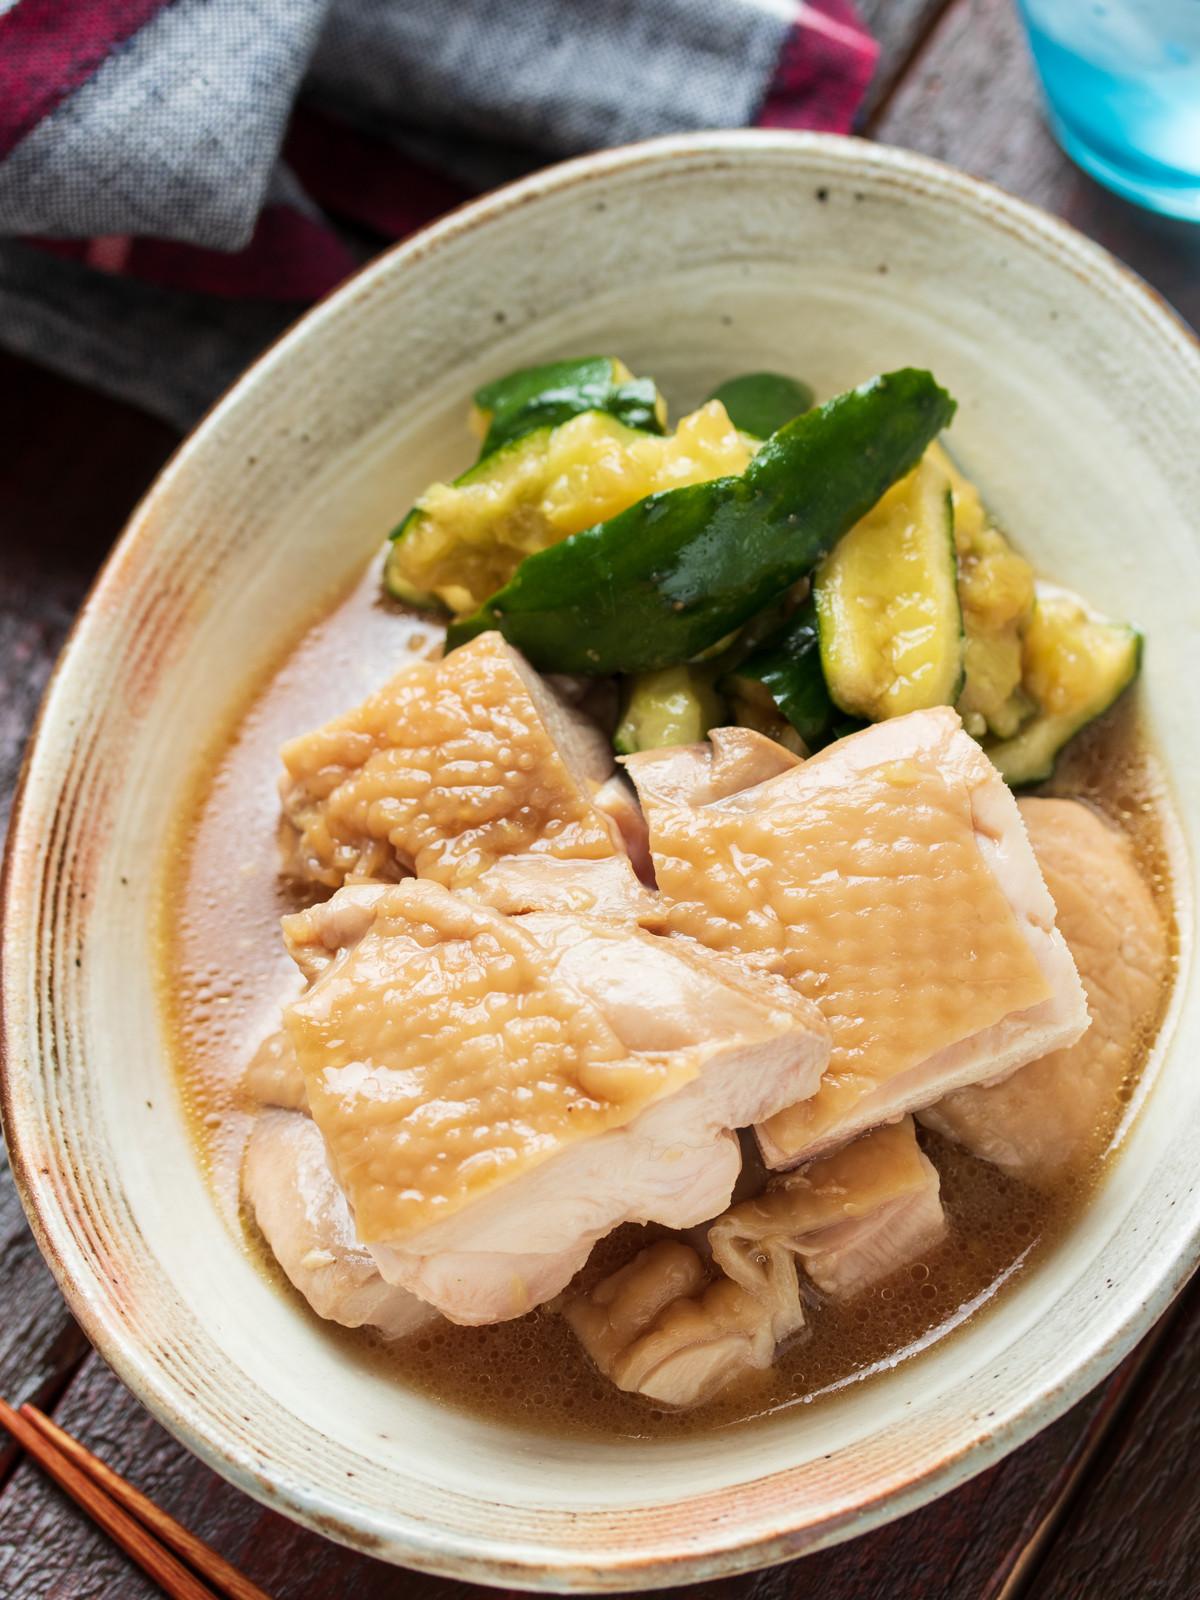 モモ 冷凍 鶏 下味 ワーママが1週間を乗り切る下味冷凍レシピ5選!お肉を使った夜ごはんが15分で作れる